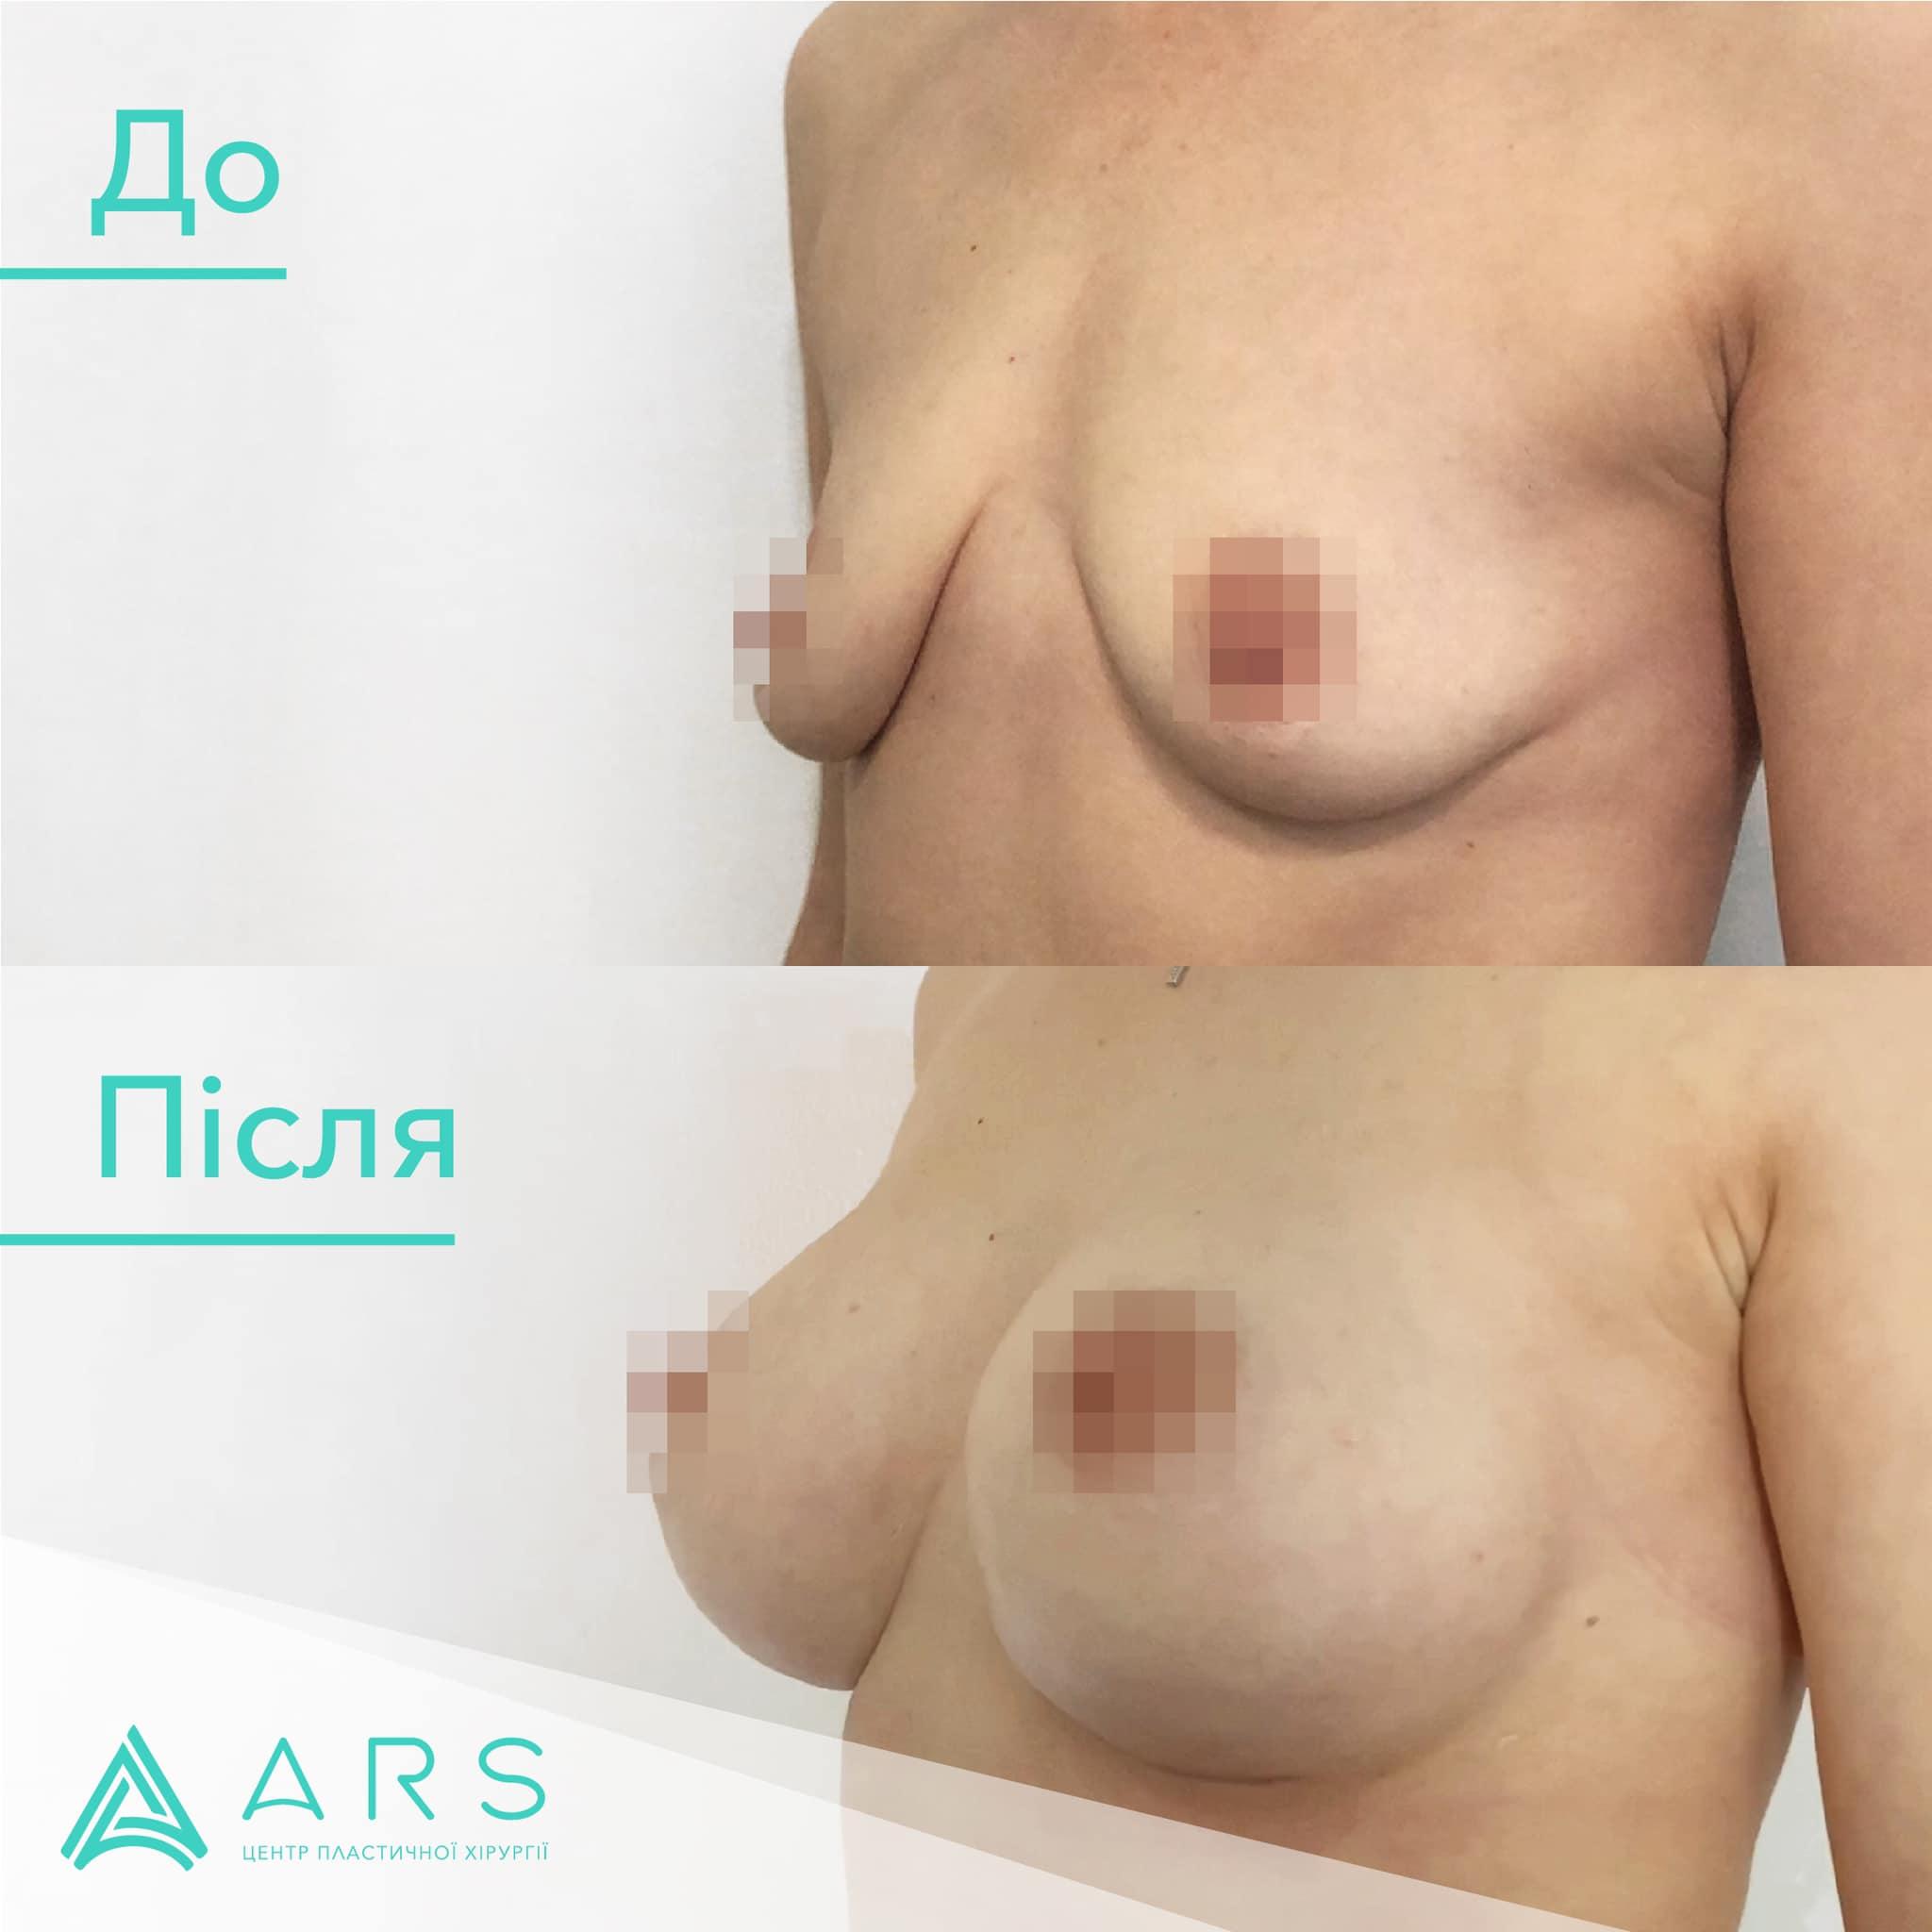 Увеличение груди до/после #1